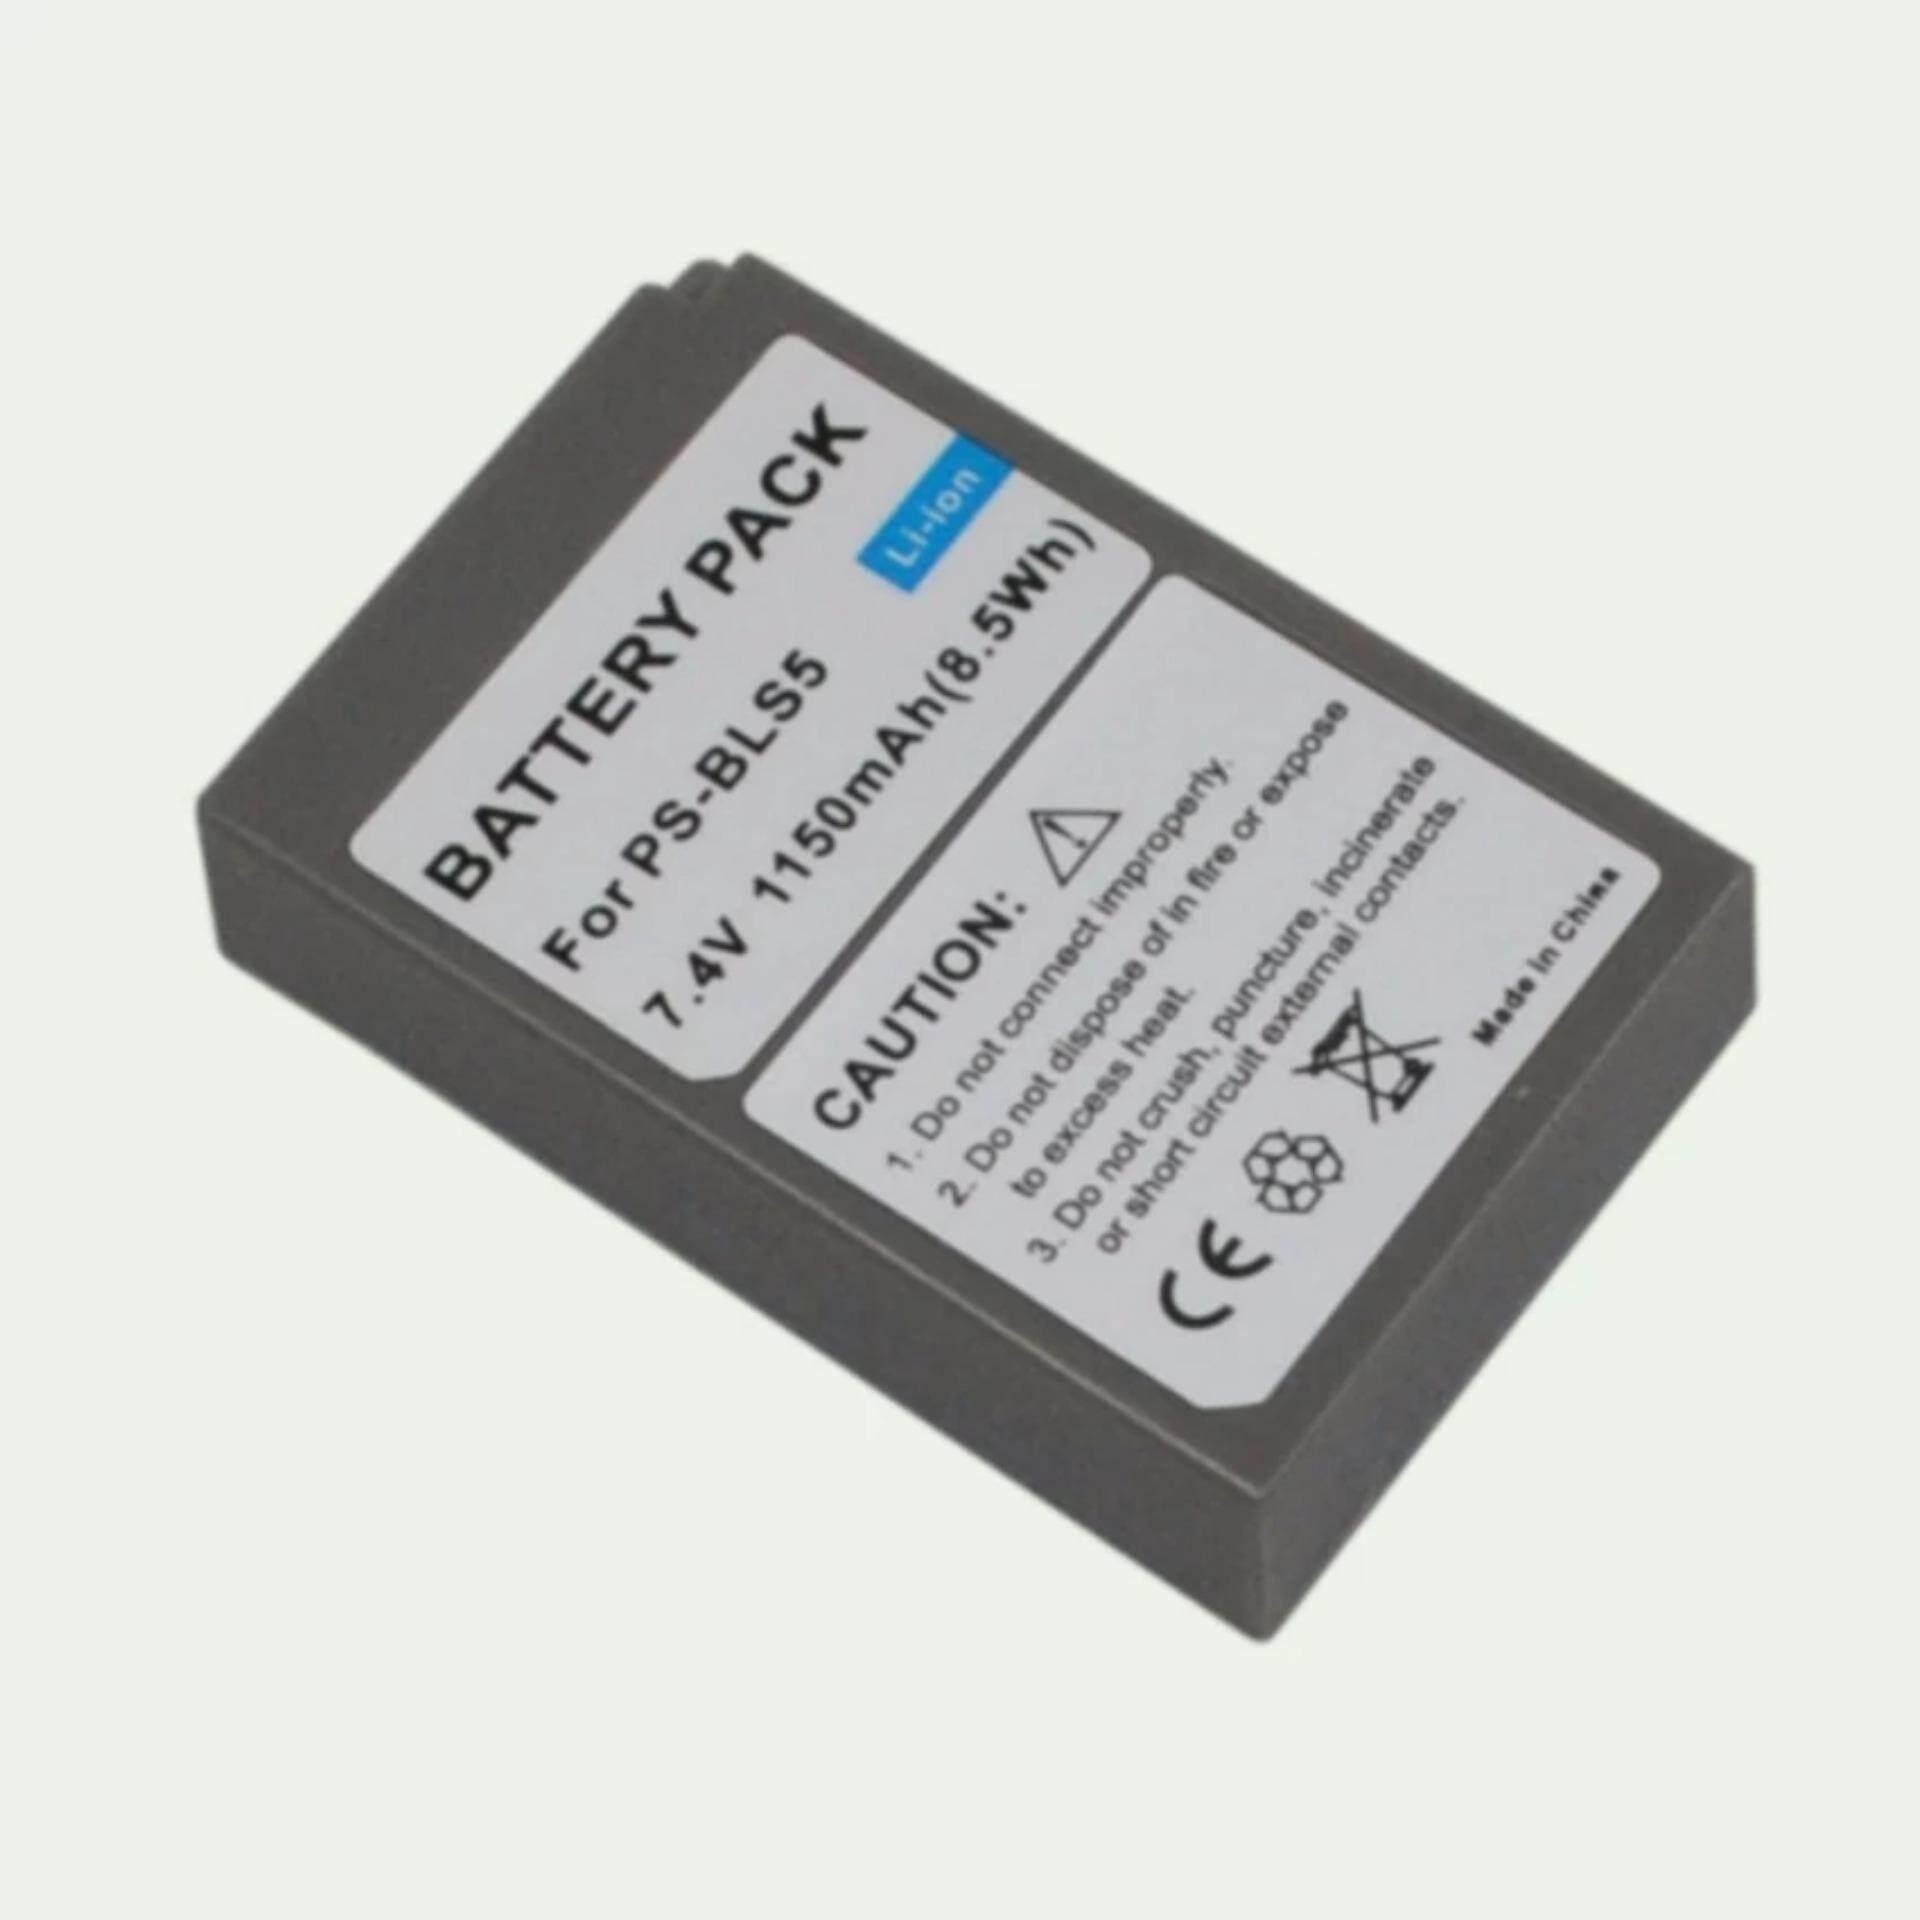 แบตเตอรี่กล้อง รุ่น BLS-5 / PS-BLS5 Replacement Battery for Olympus